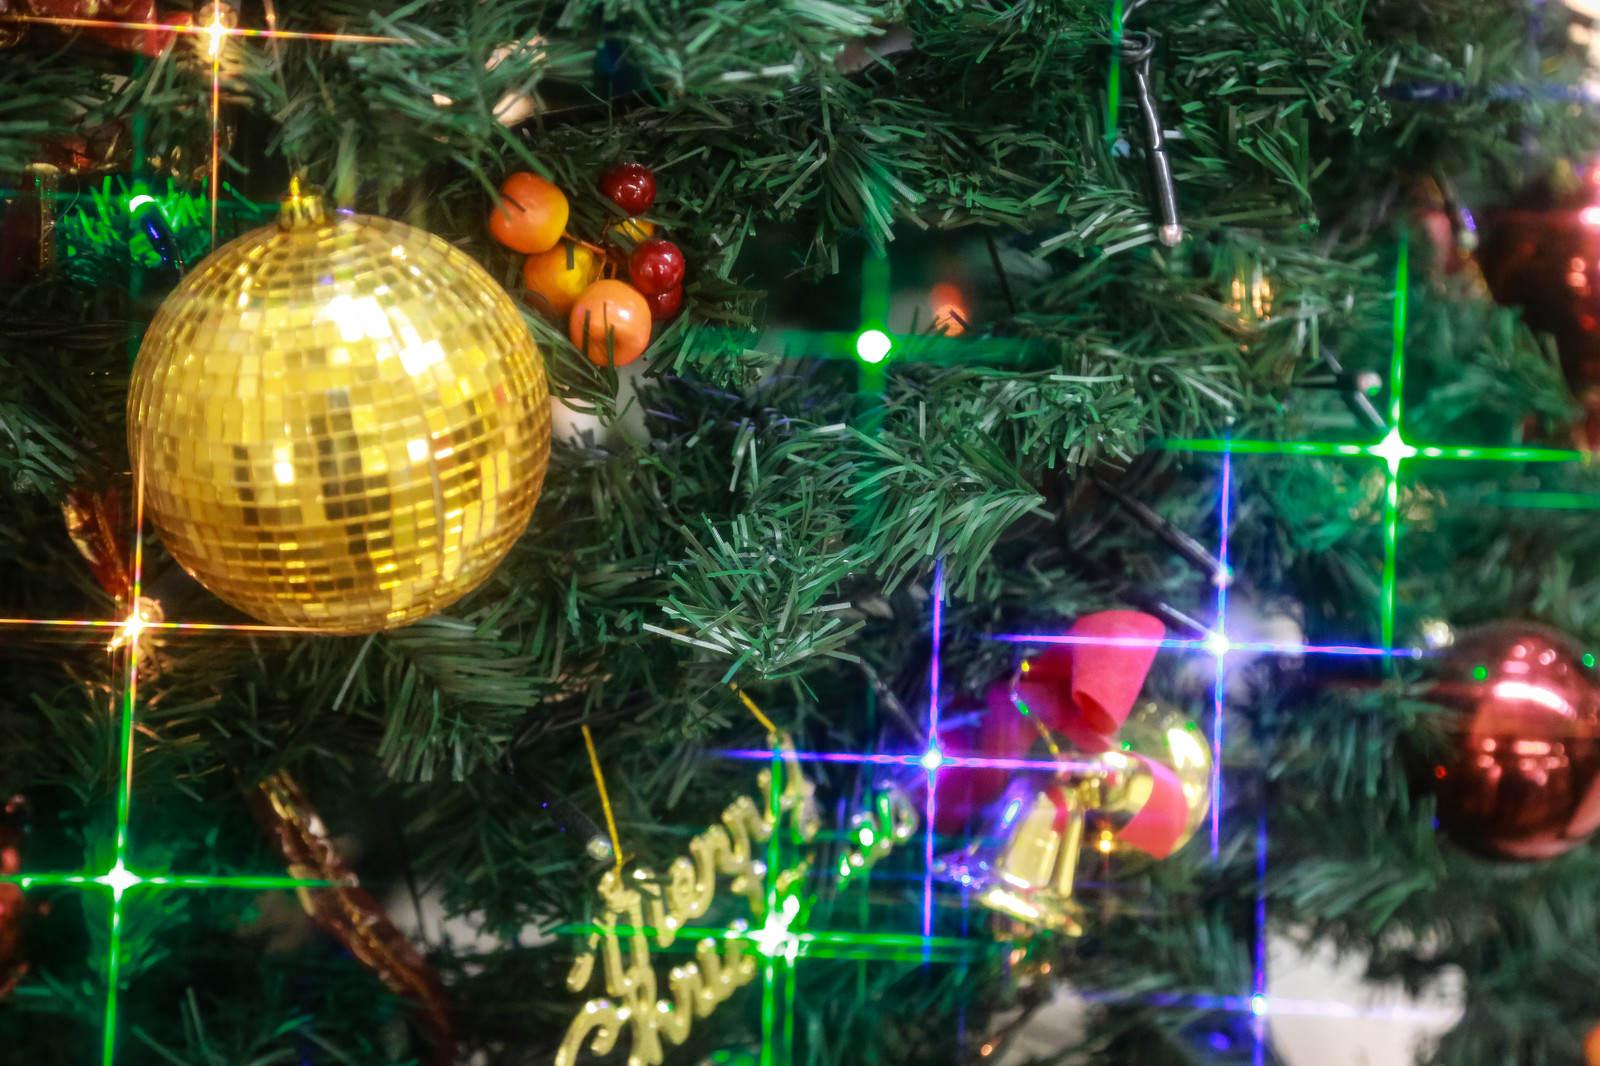 「クリスマスの飾りとライトアップ」の写真